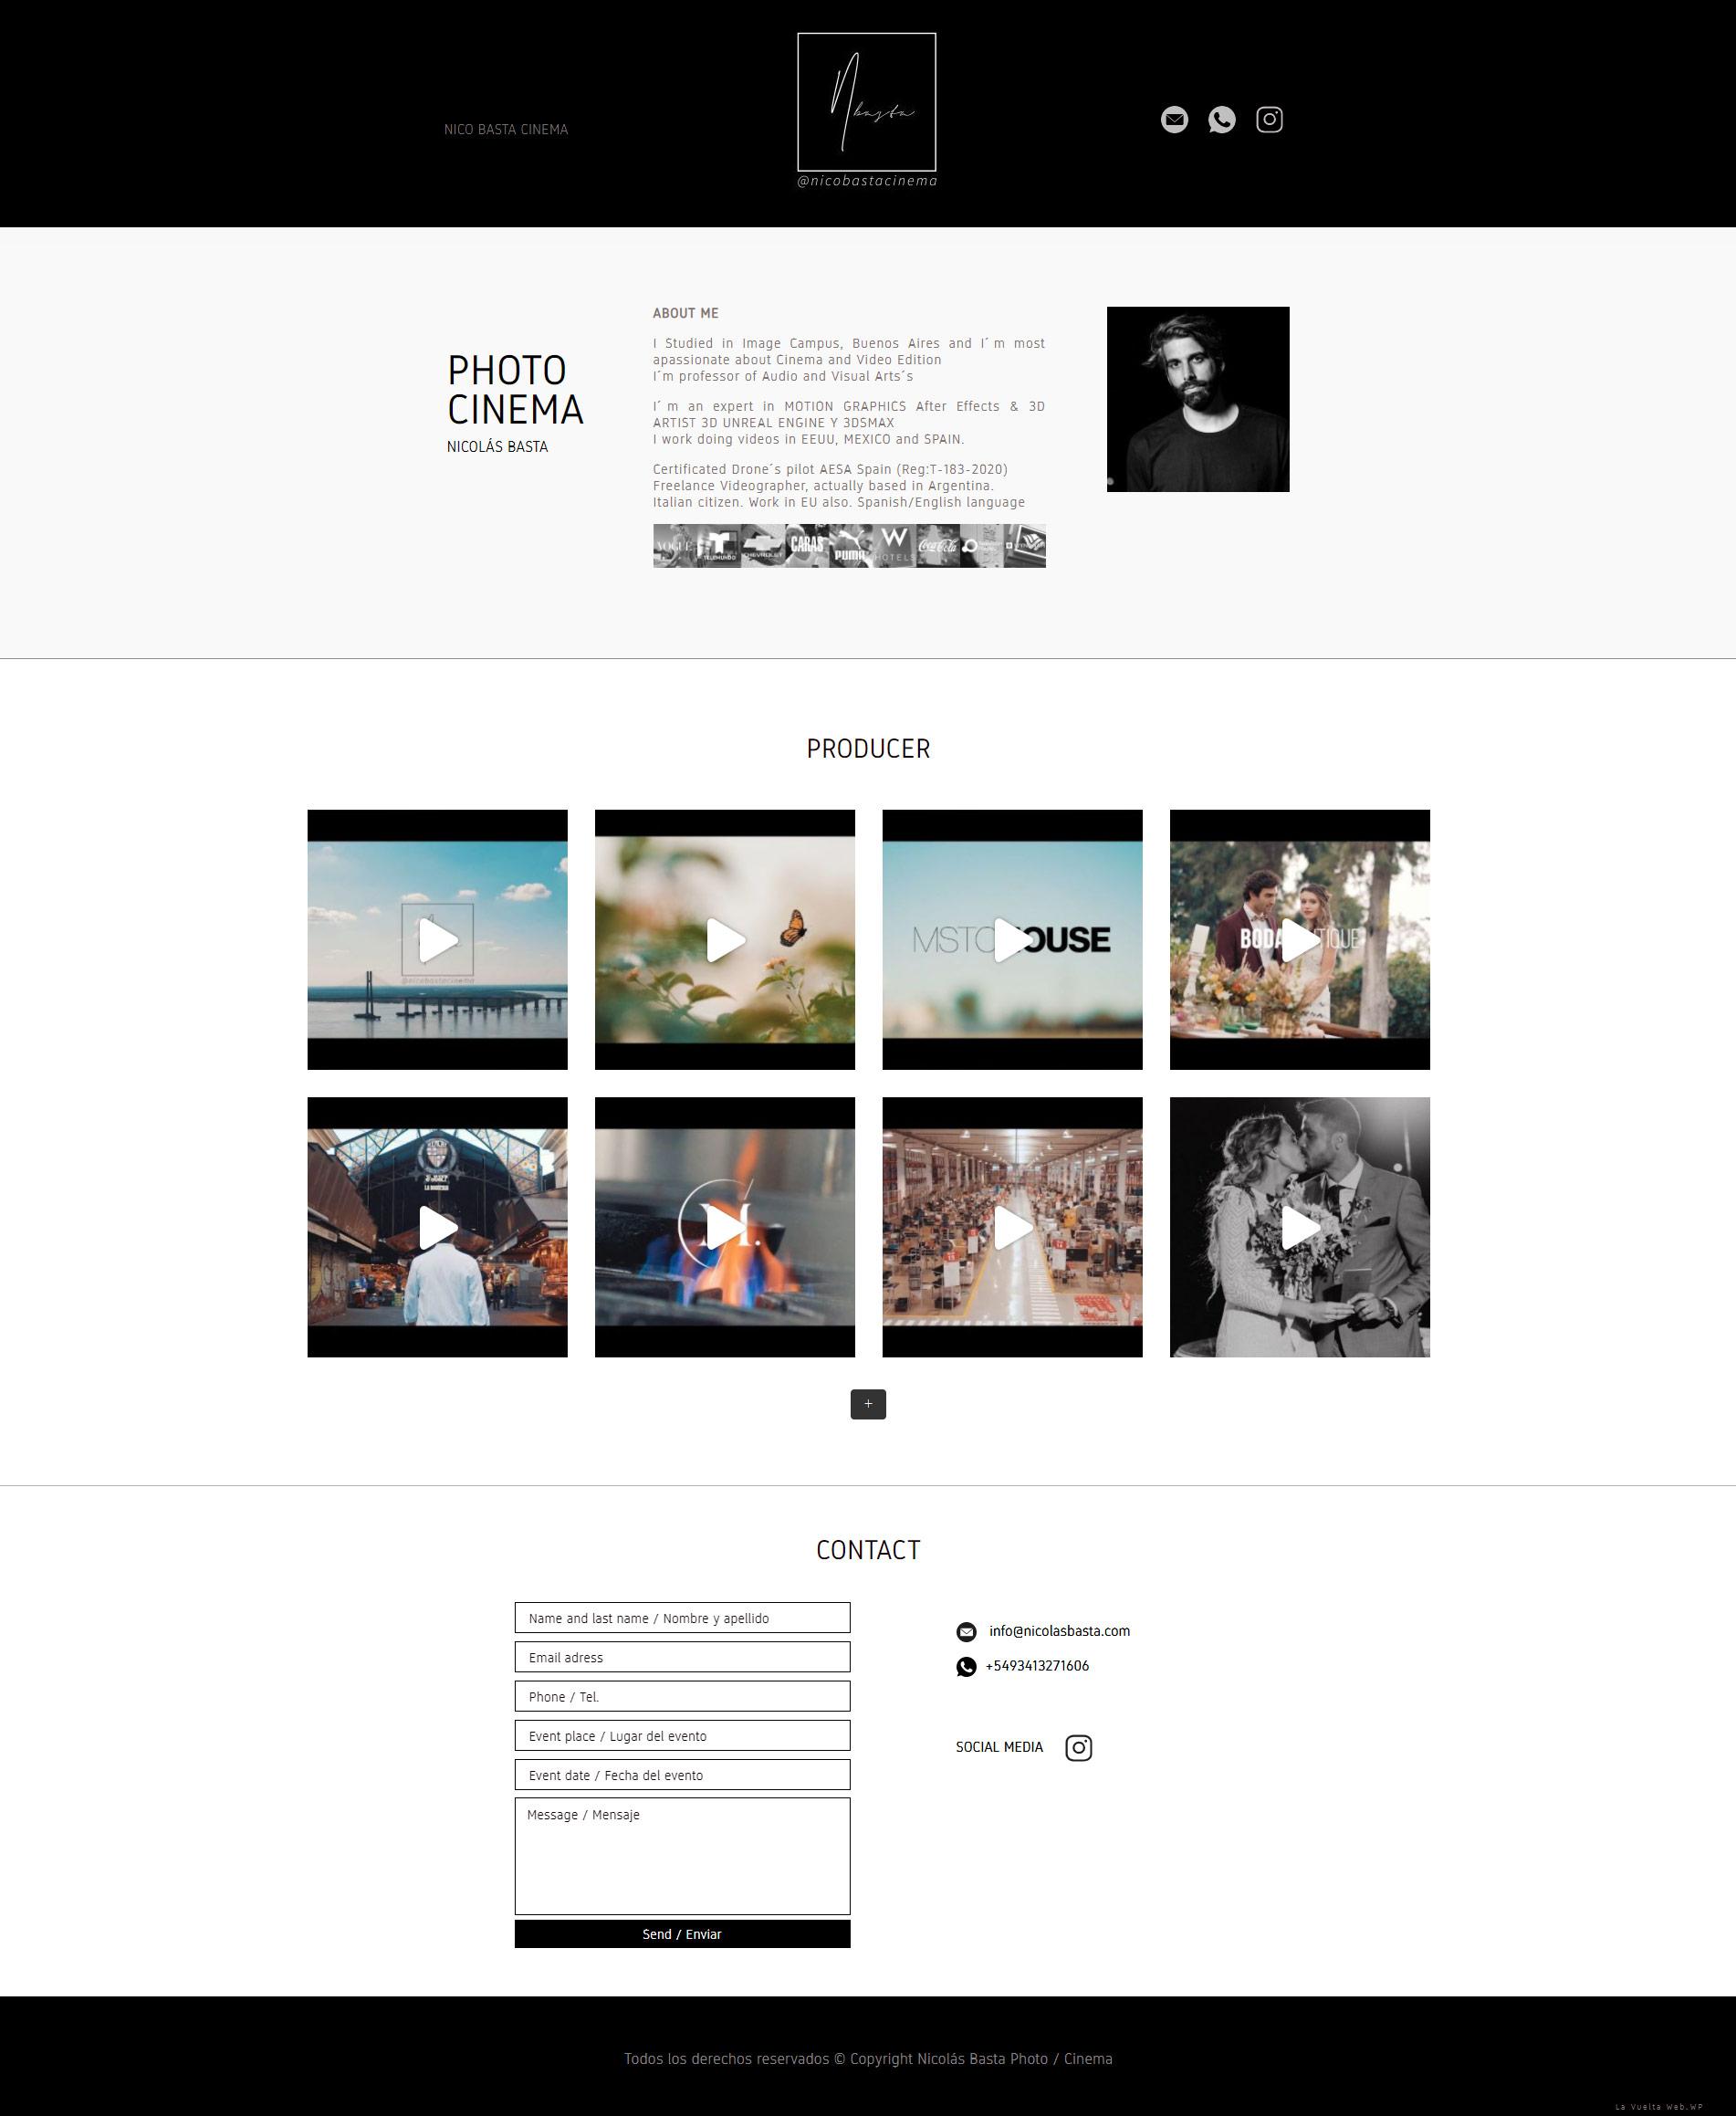 Portada web, sitio realizado por La Vuelta Web para Nicolás Basta Cinema